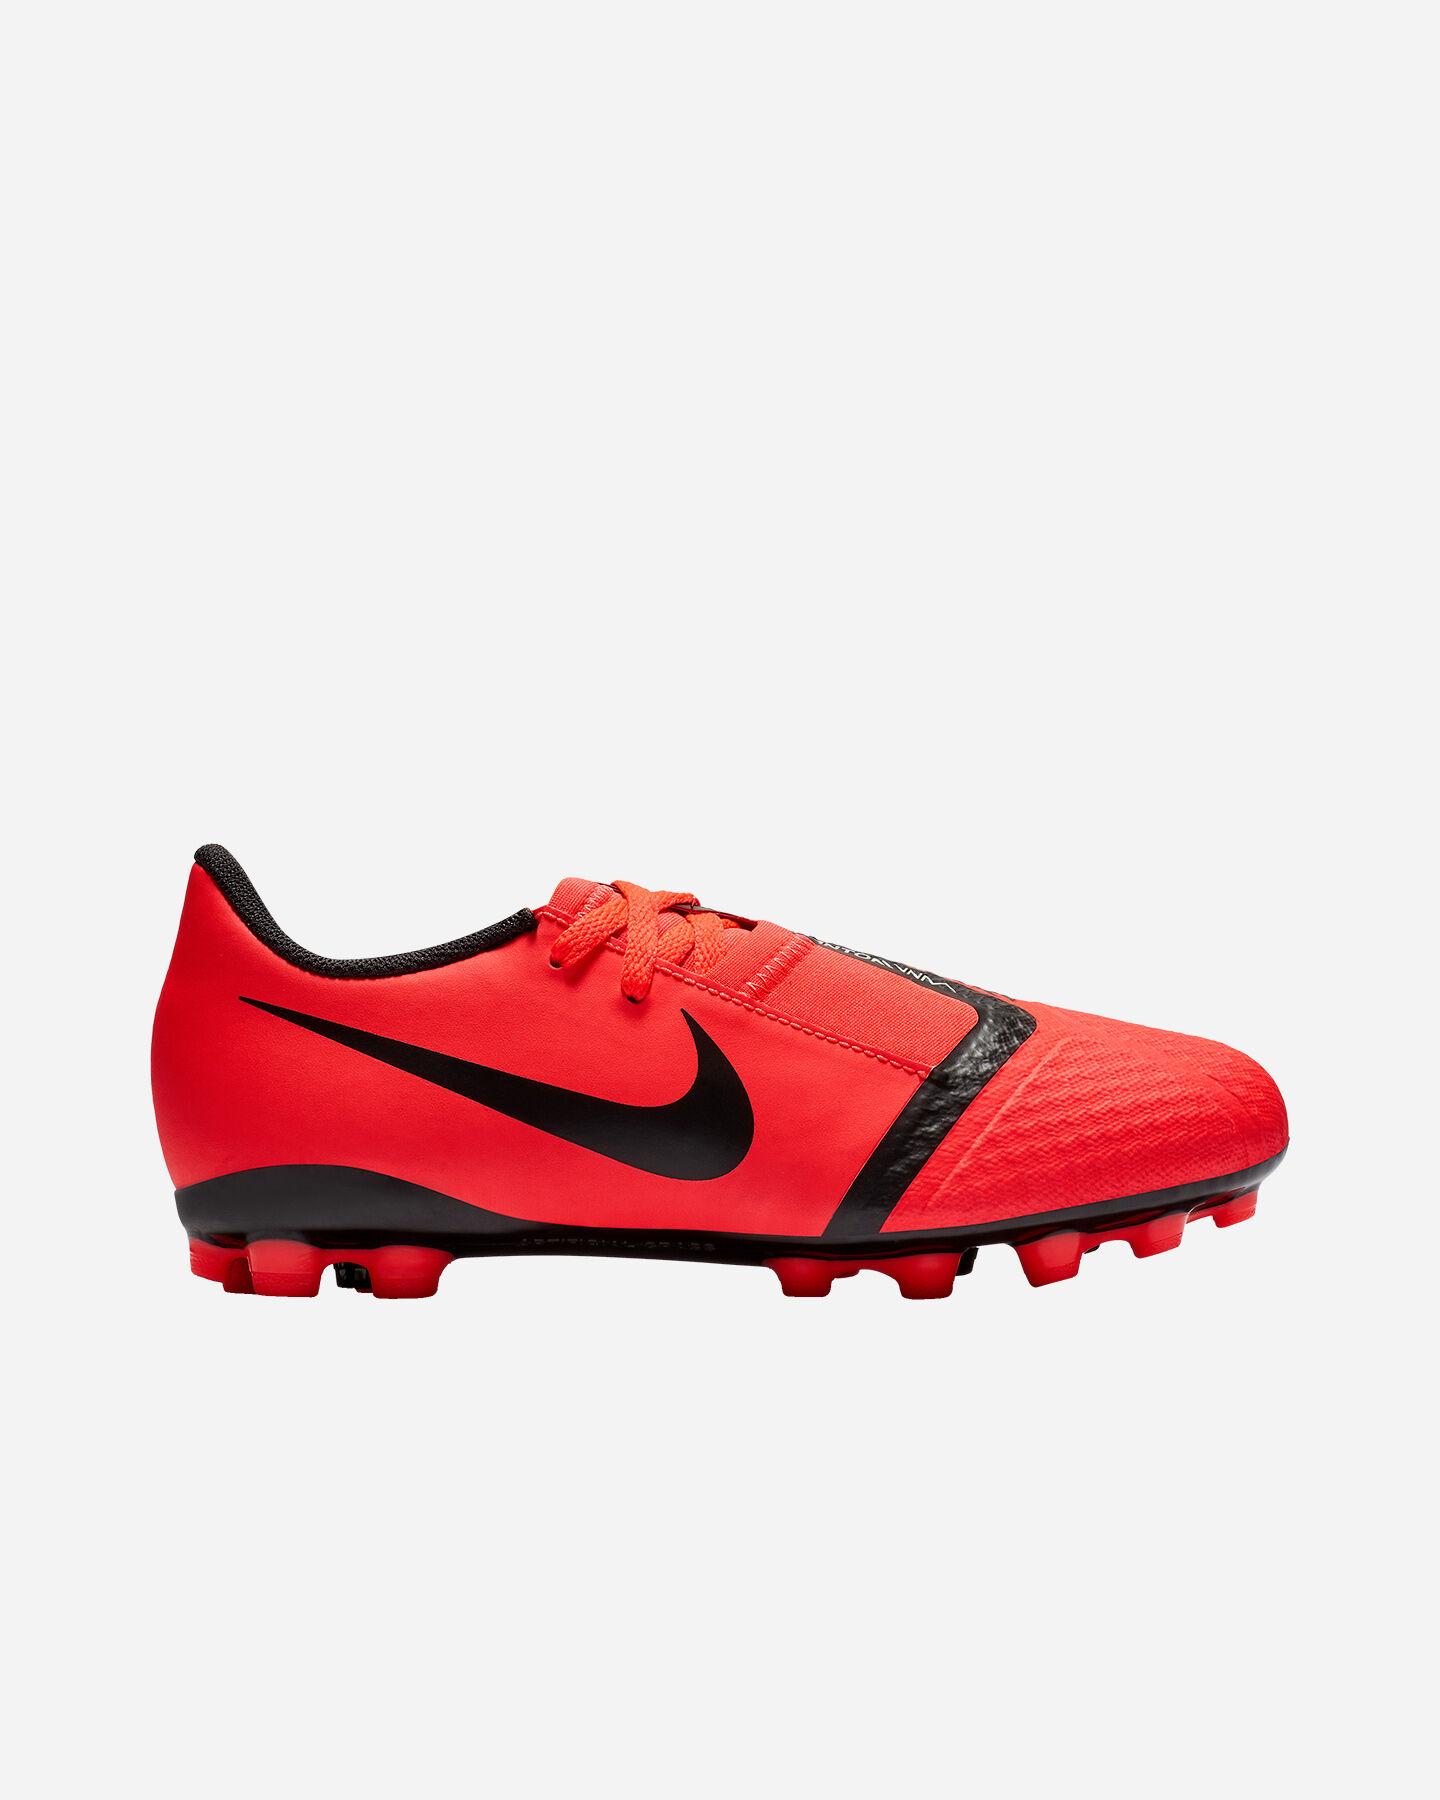 scarpe da calcio per bambini adidas rosse